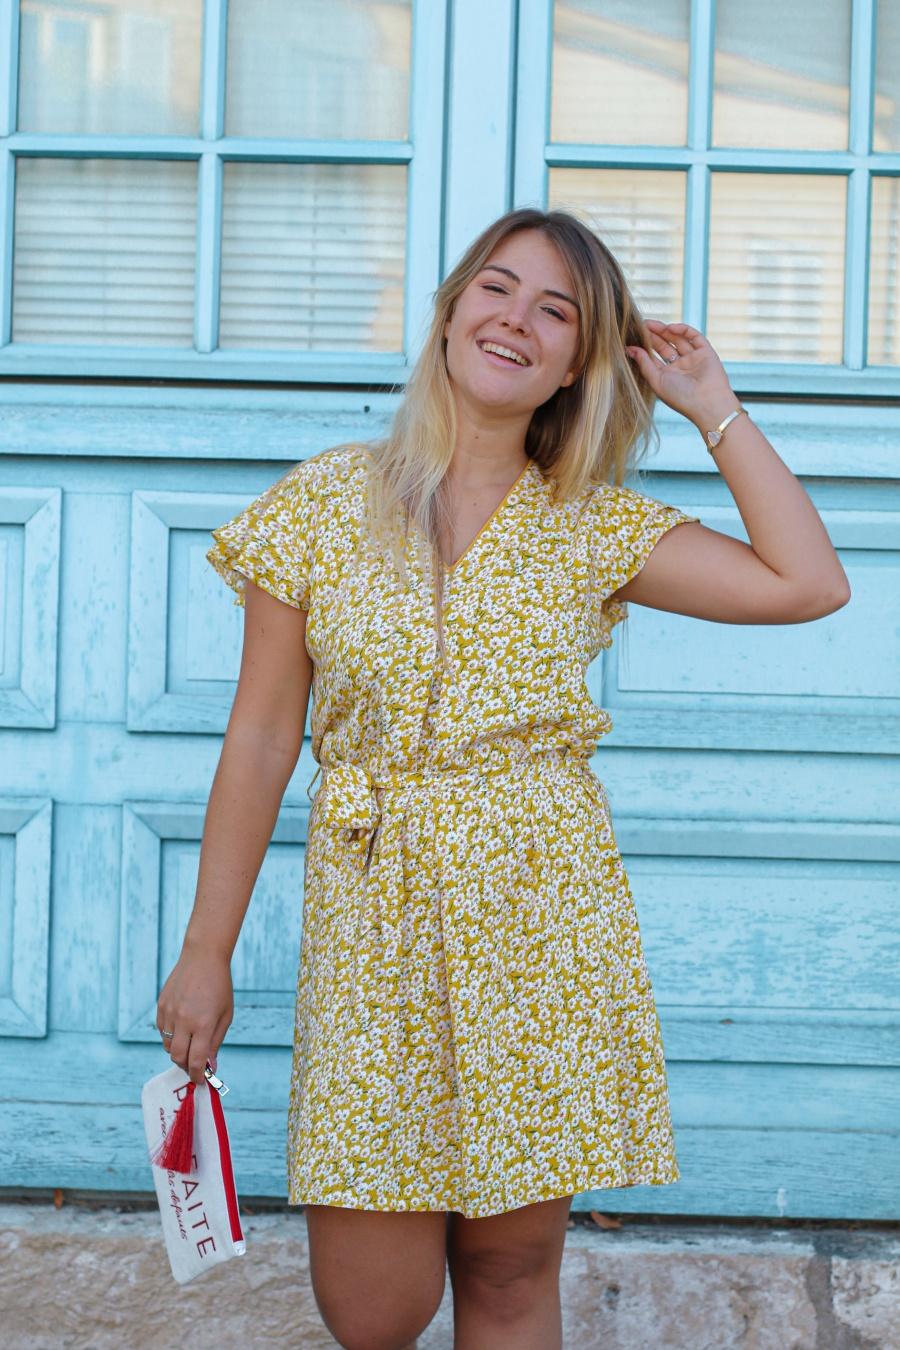 Robe jaune - Petunia - MAMOUCHKA